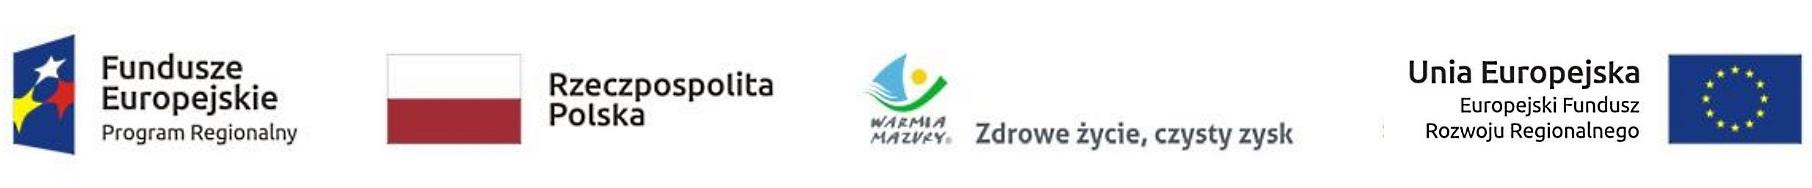 https://m.powiatszczycienski.pl/2020/01/orig/znaki-na-strone-www-25571-27241.jpg